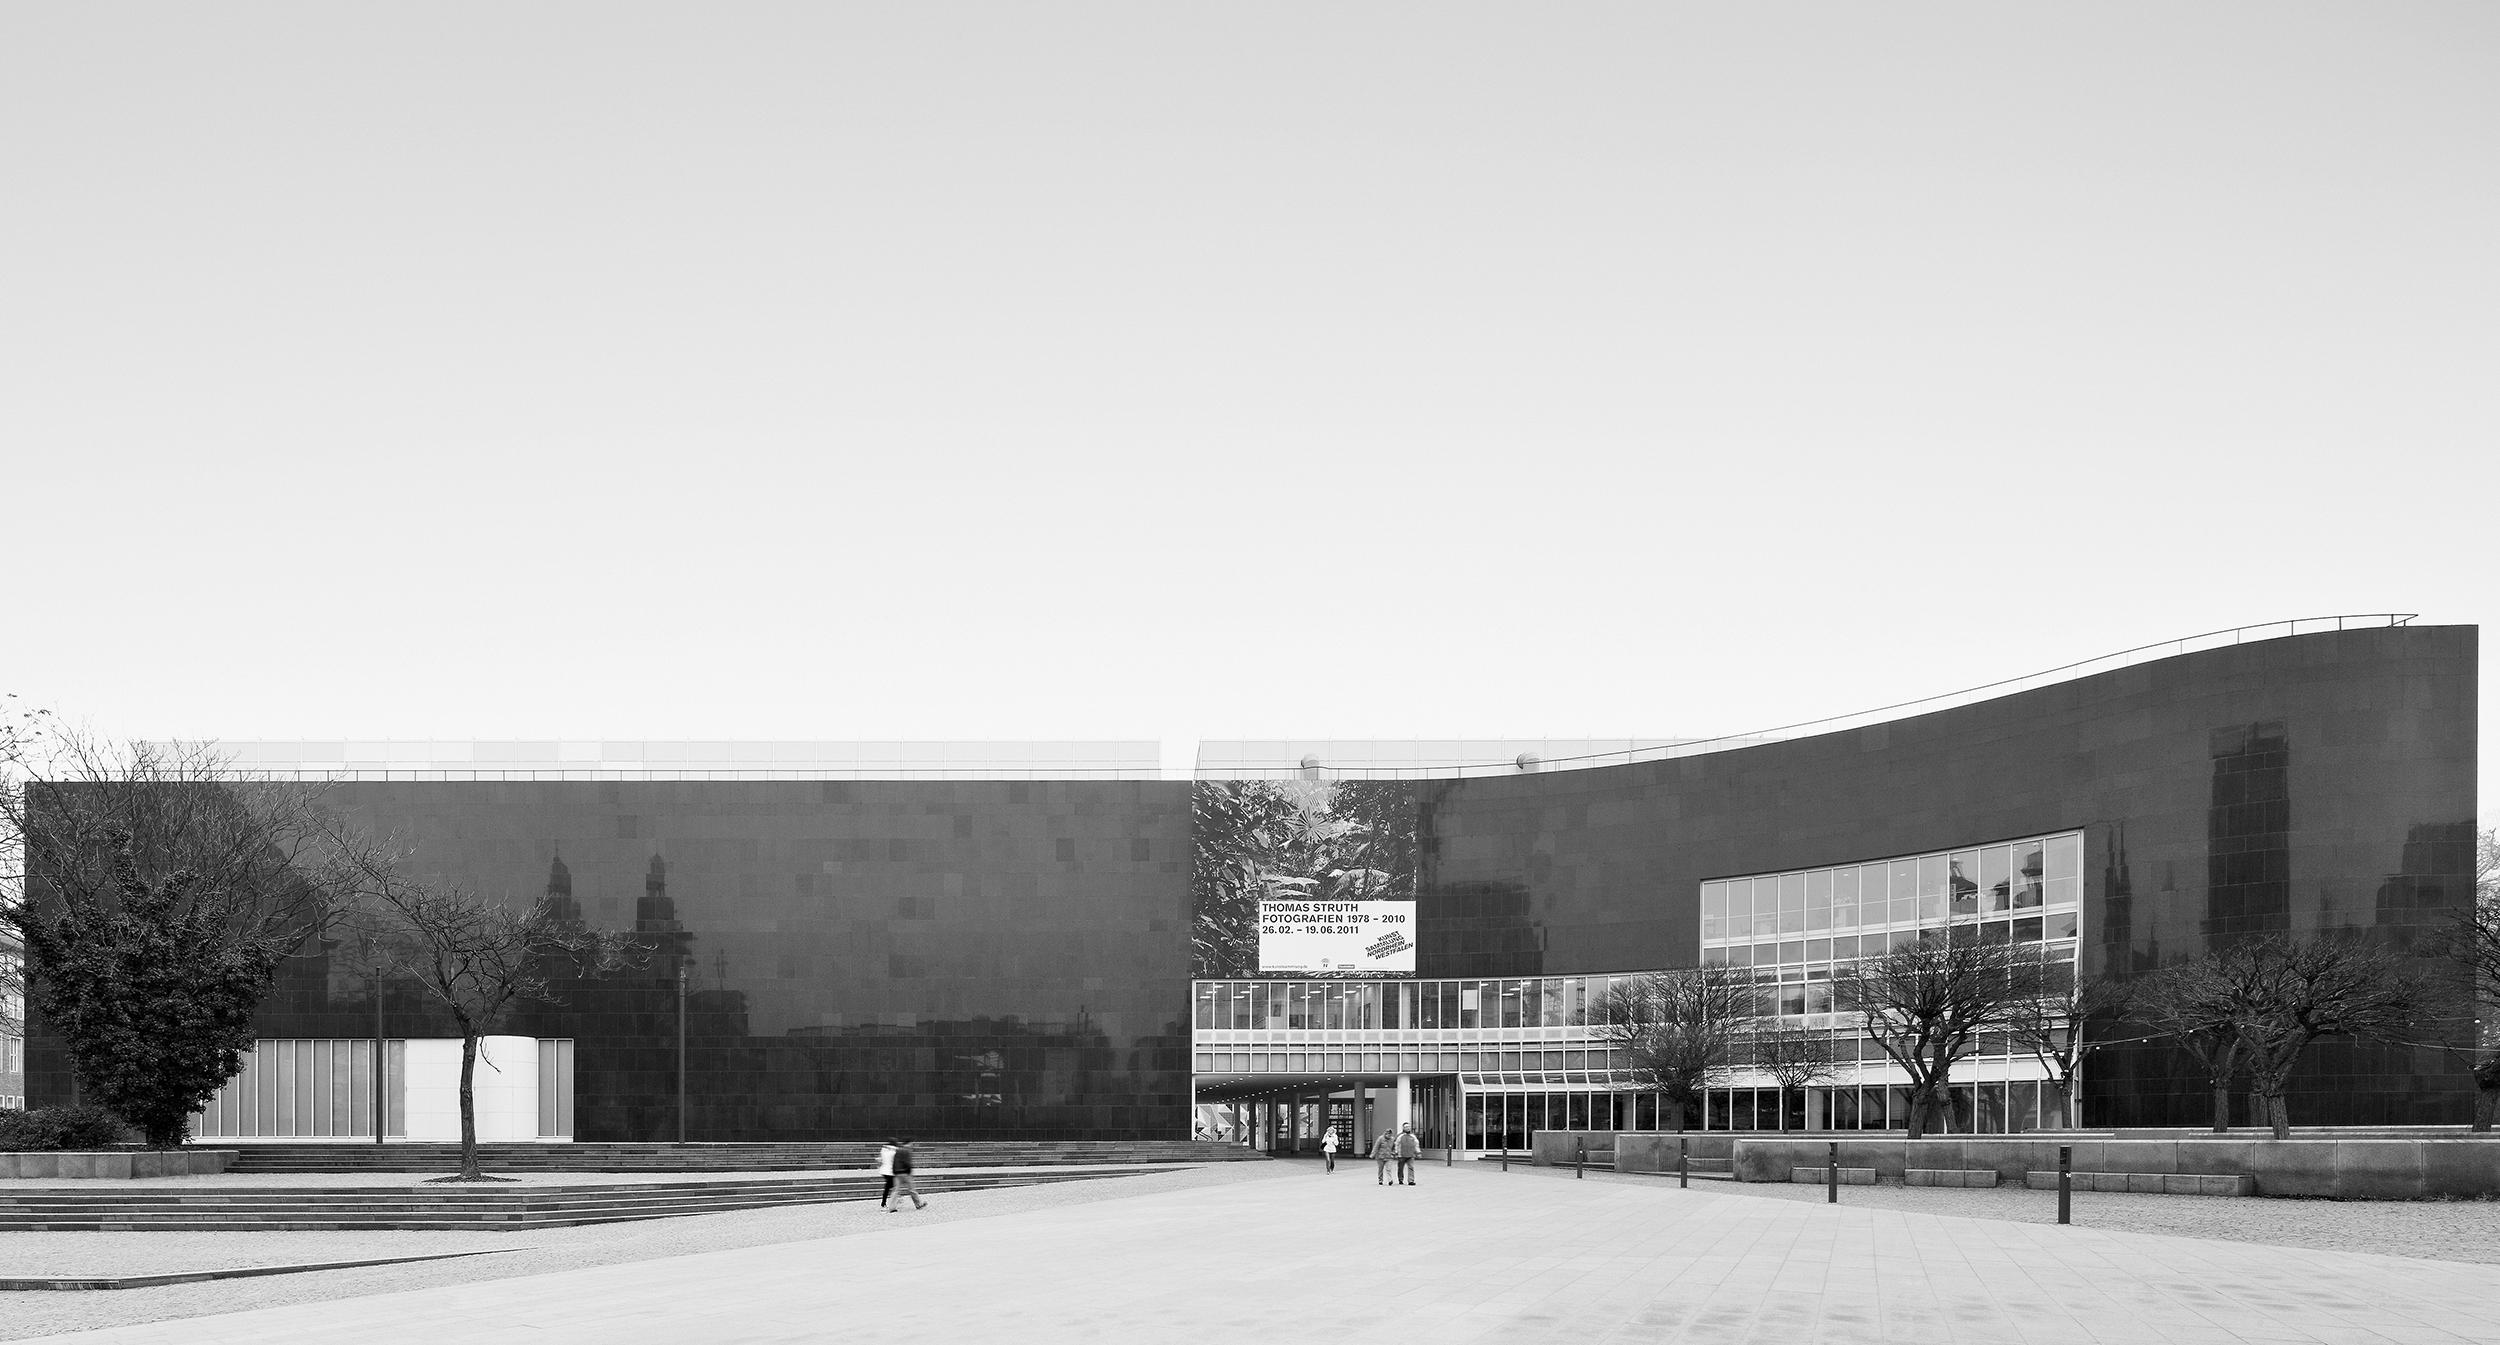 BDA Award, Schleswig-Holstein 1990    Kunstsammlung Nordhrein-Westfalen  receives the BDA Award (Bund Deutcher Architekten) in Schleswig-Holstein.